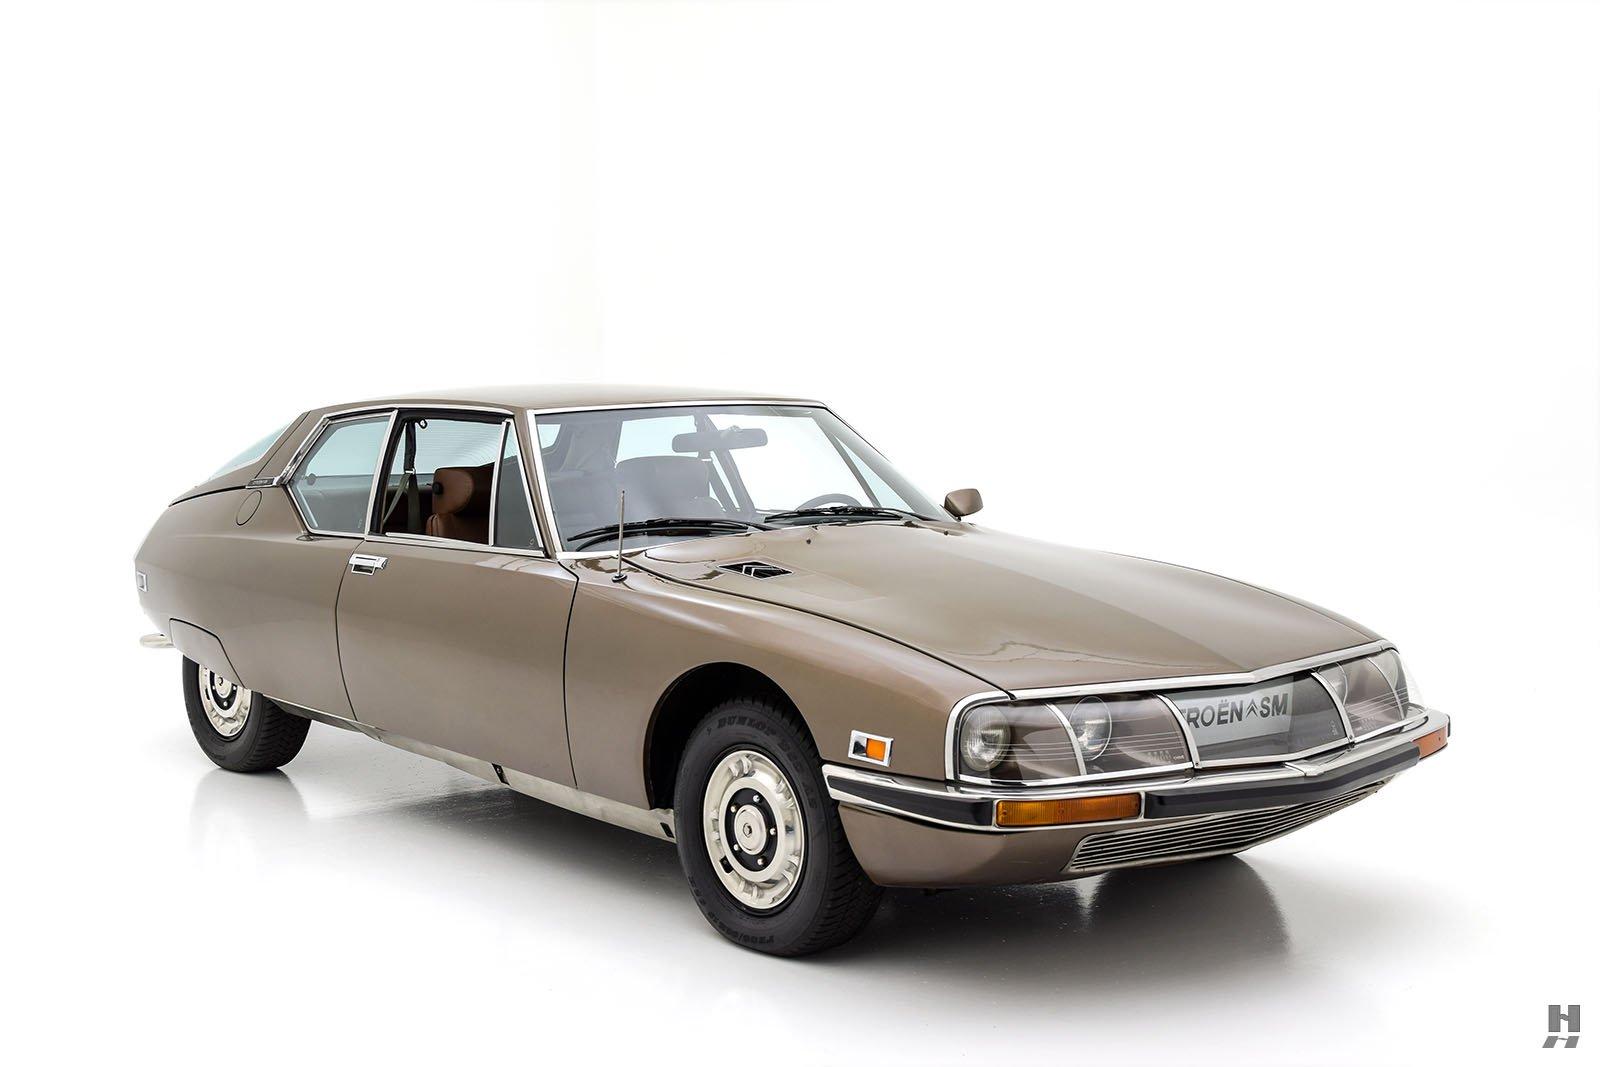 1972 citroen sm coupe for sale buy citroen sm coupe cars hyman ltd